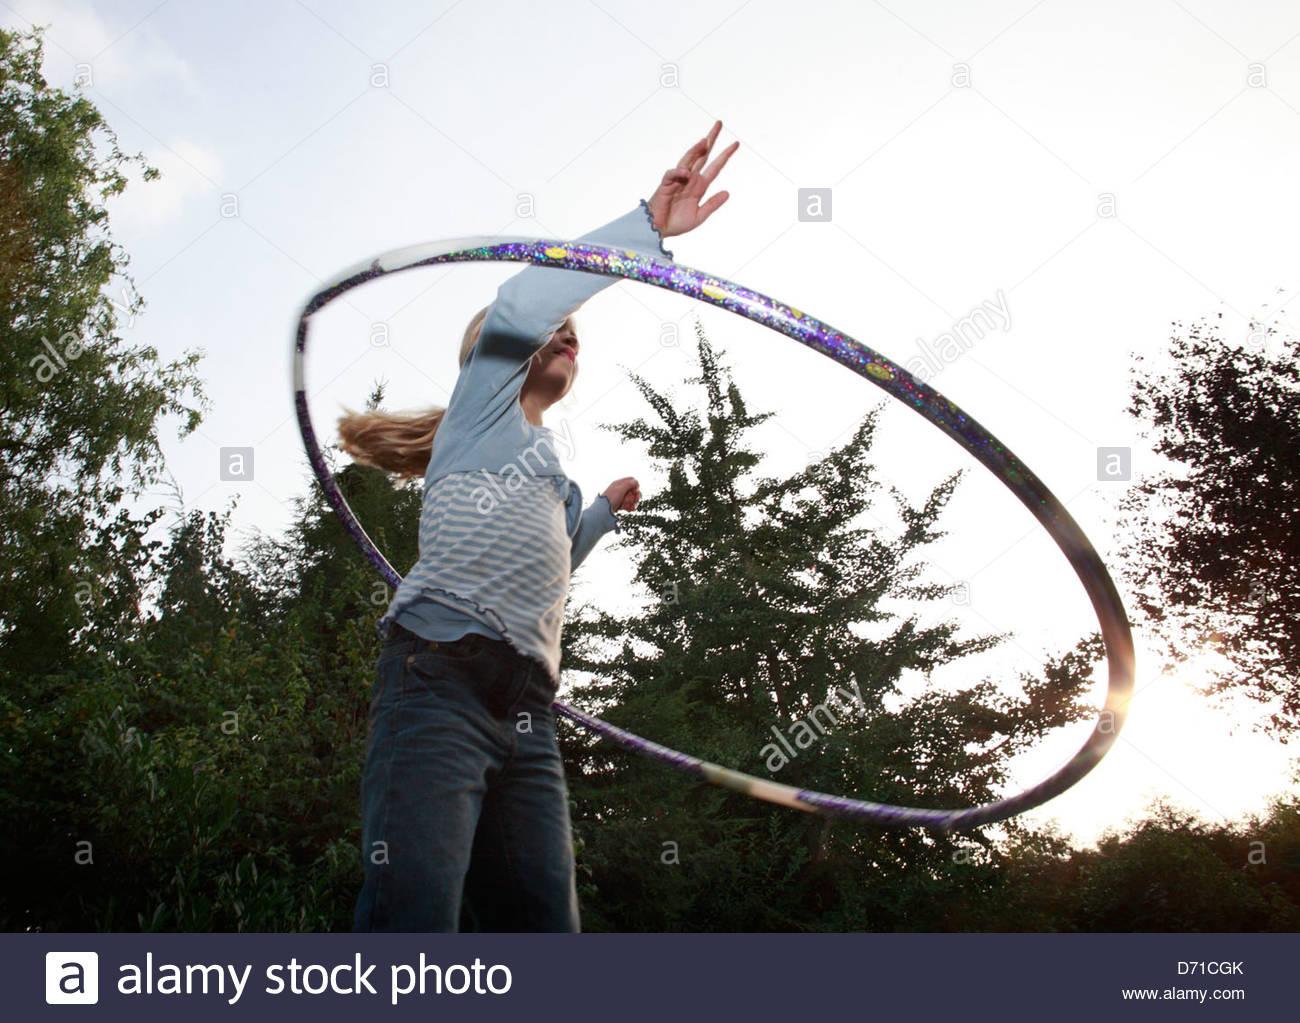 Basso angolo vista di una ragazza che gioca con un hula hoop Immagini Stock